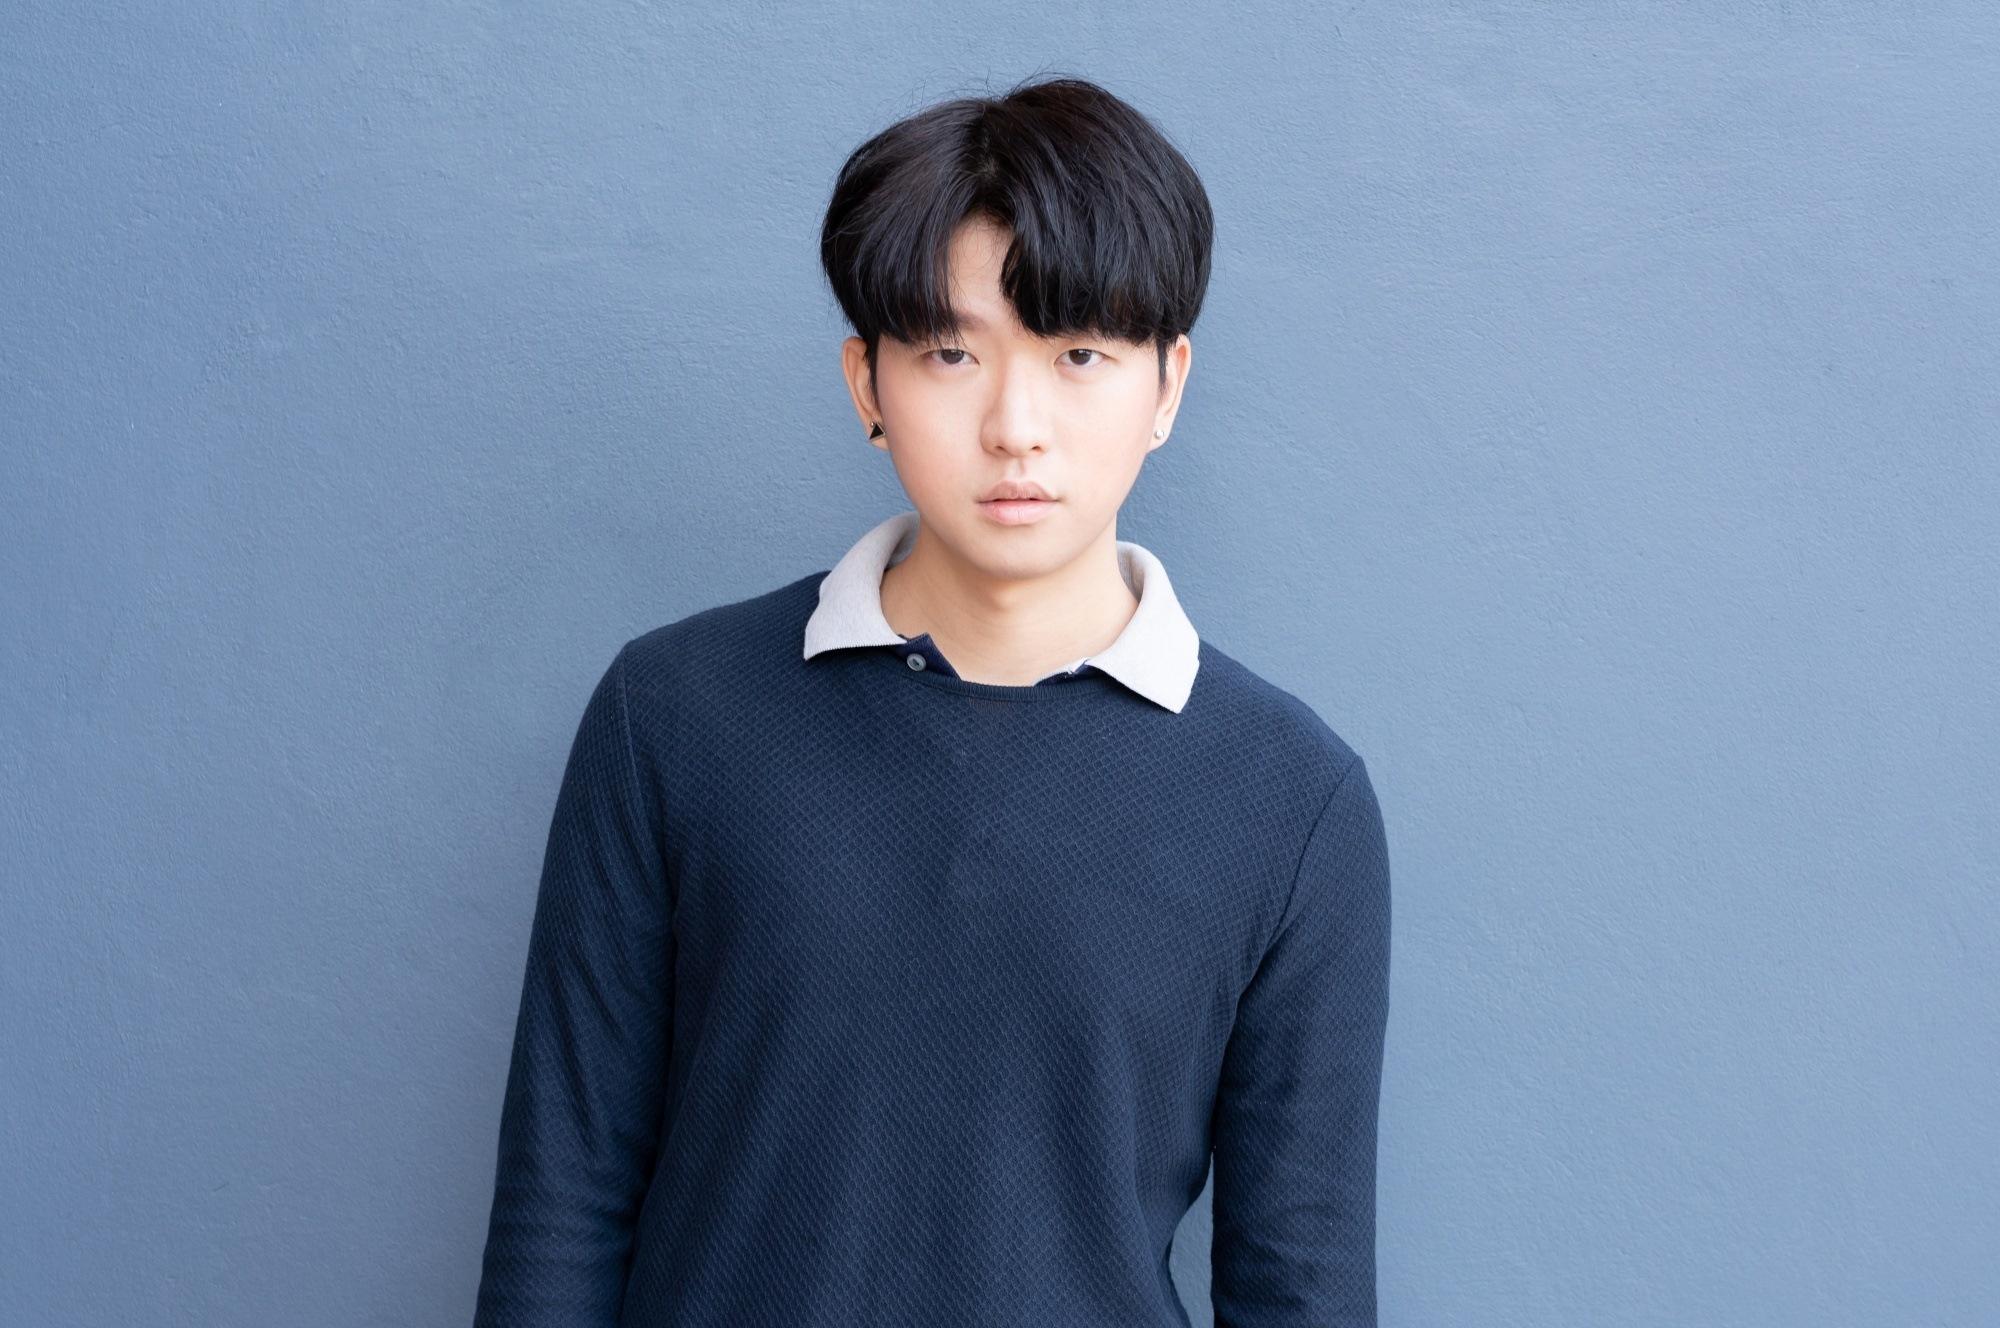 Kiểu tóc nam Hàn Quốc mái bổ lệch